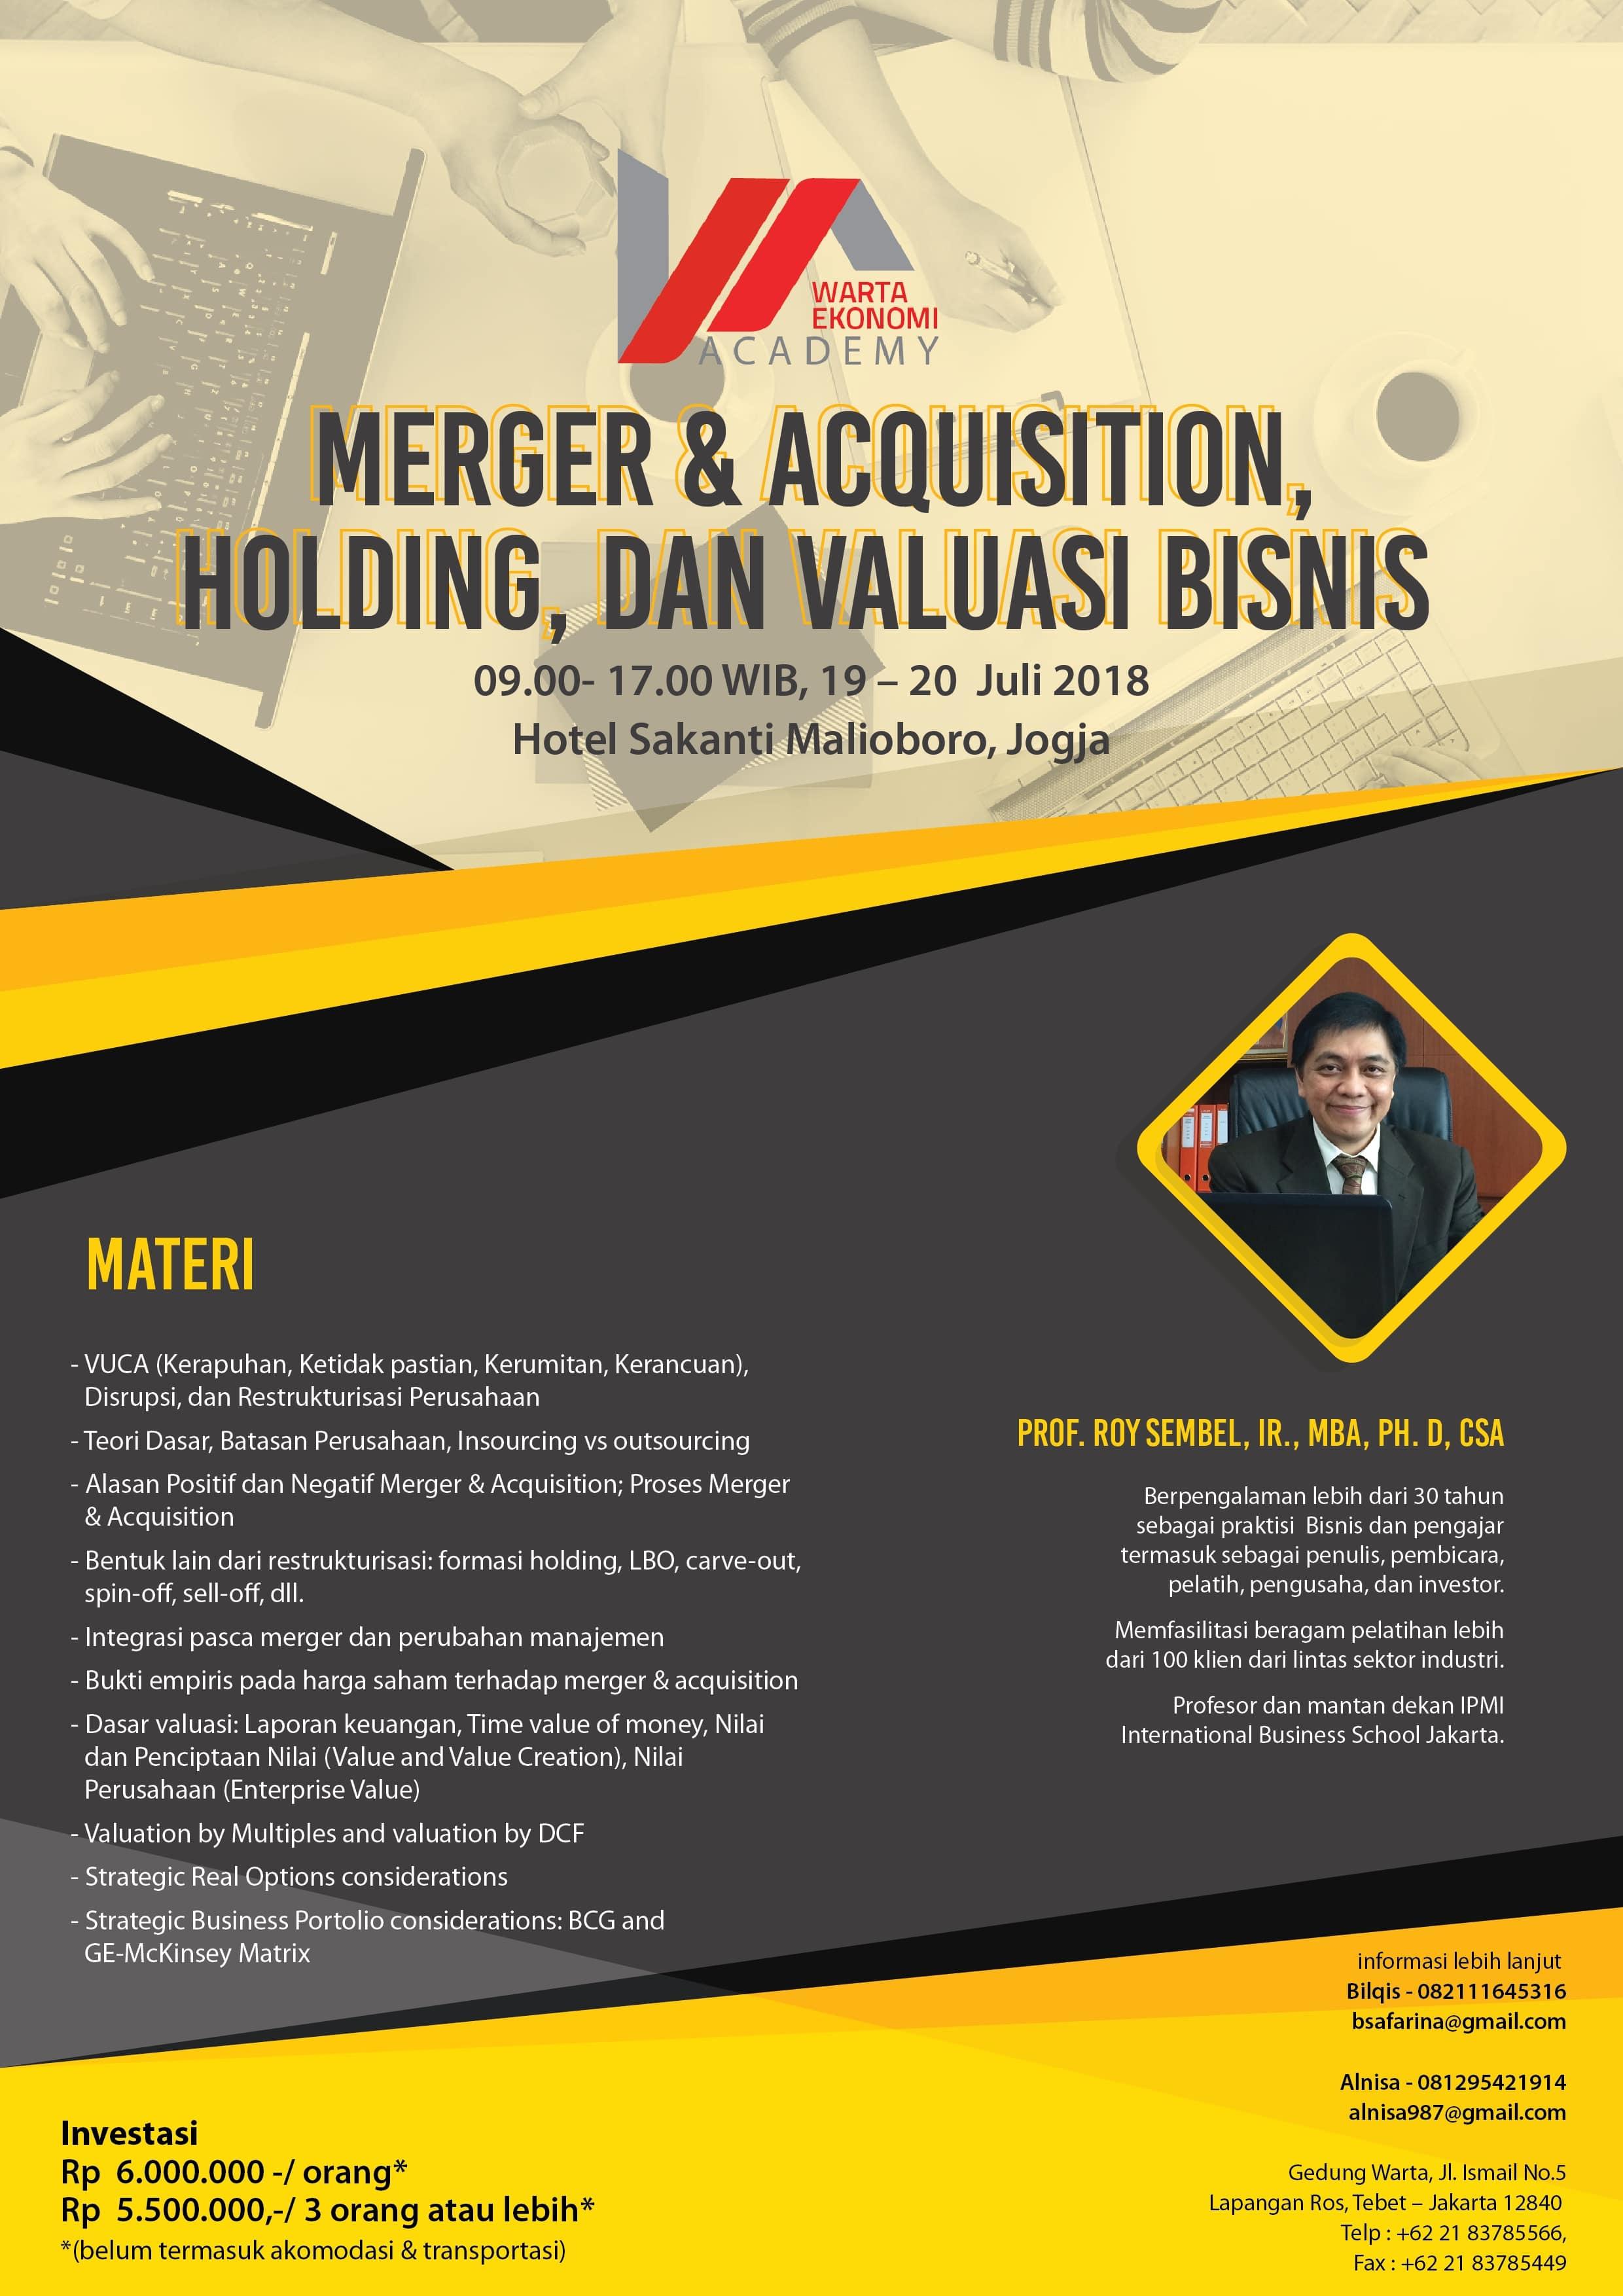 Merger & Acquisition, Holding, dan Valuasi Bisnis